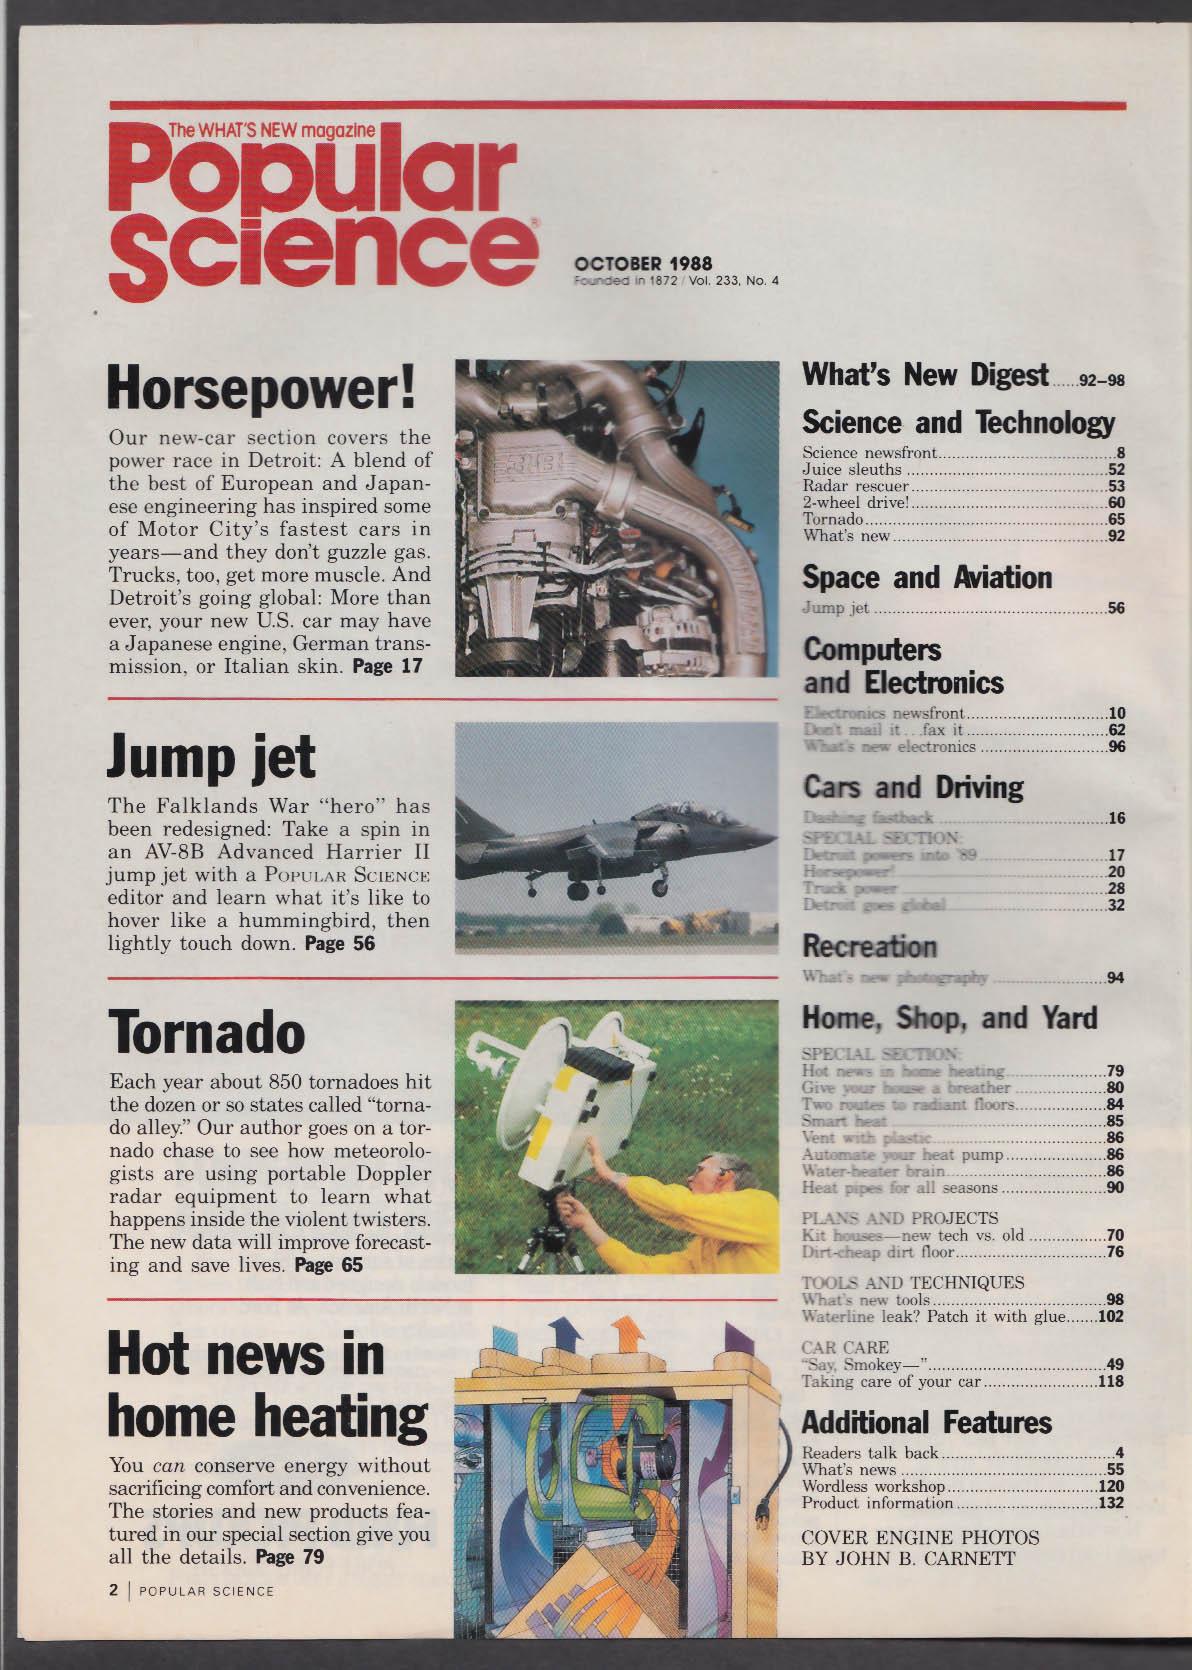 POPULAR SCIENCE Harrier AV-8B Ford vs Chevy V8 Corvette + 10 1988